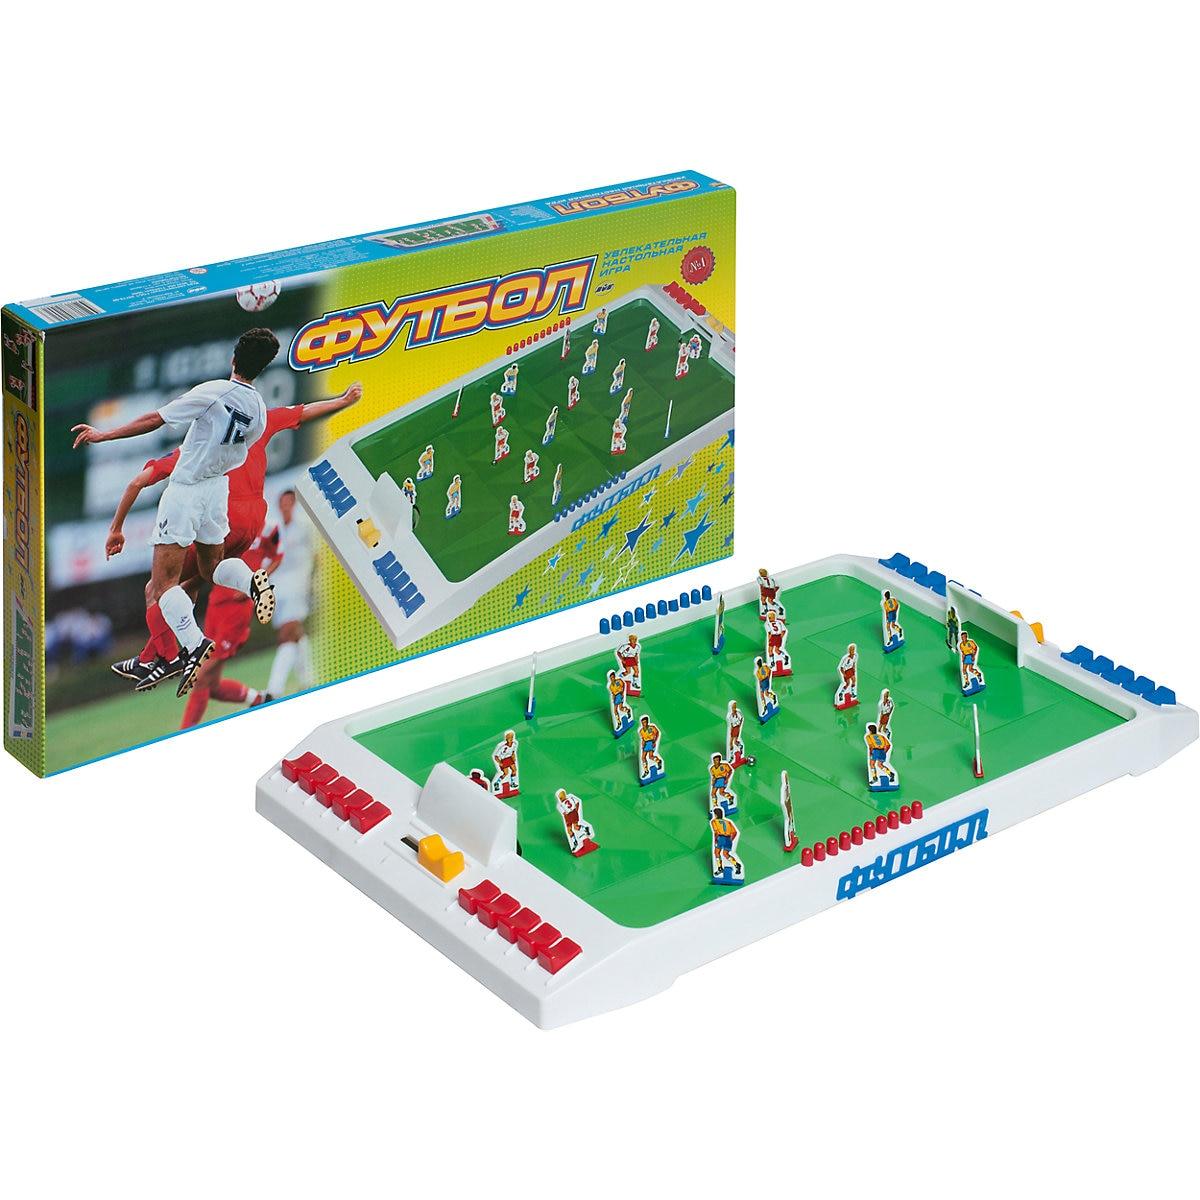 цена на Game Room omskiy zavod elektrotovarov 7766961 toys board game children's educational games roomfor boys girls